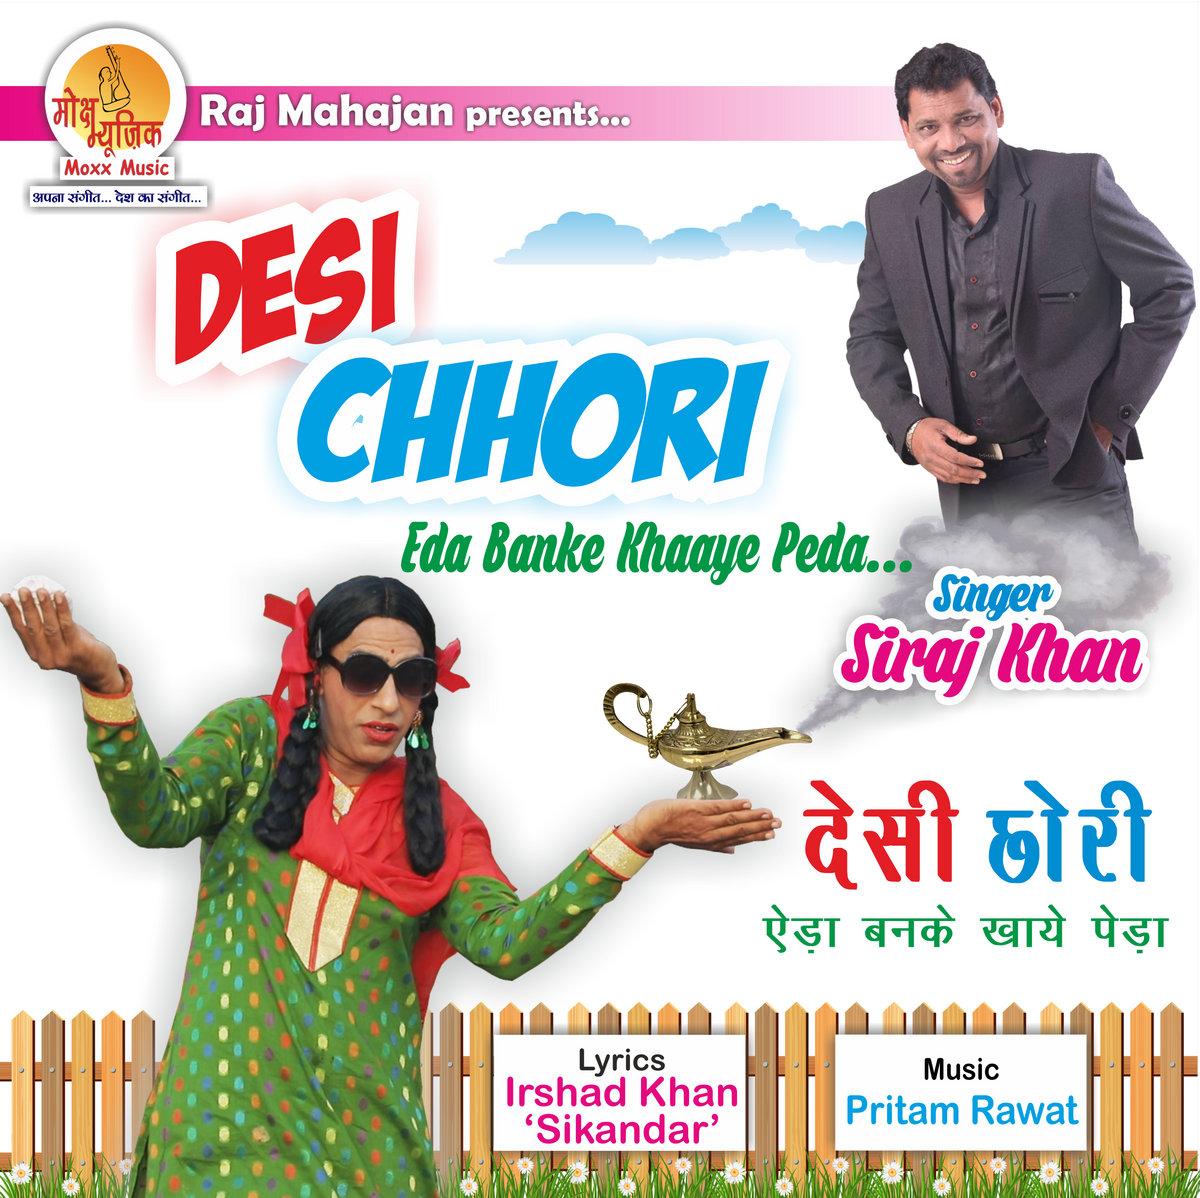 Deewana Hoon Pagal Nahi Movie Hd Mp4 Free Download   clubalnorta